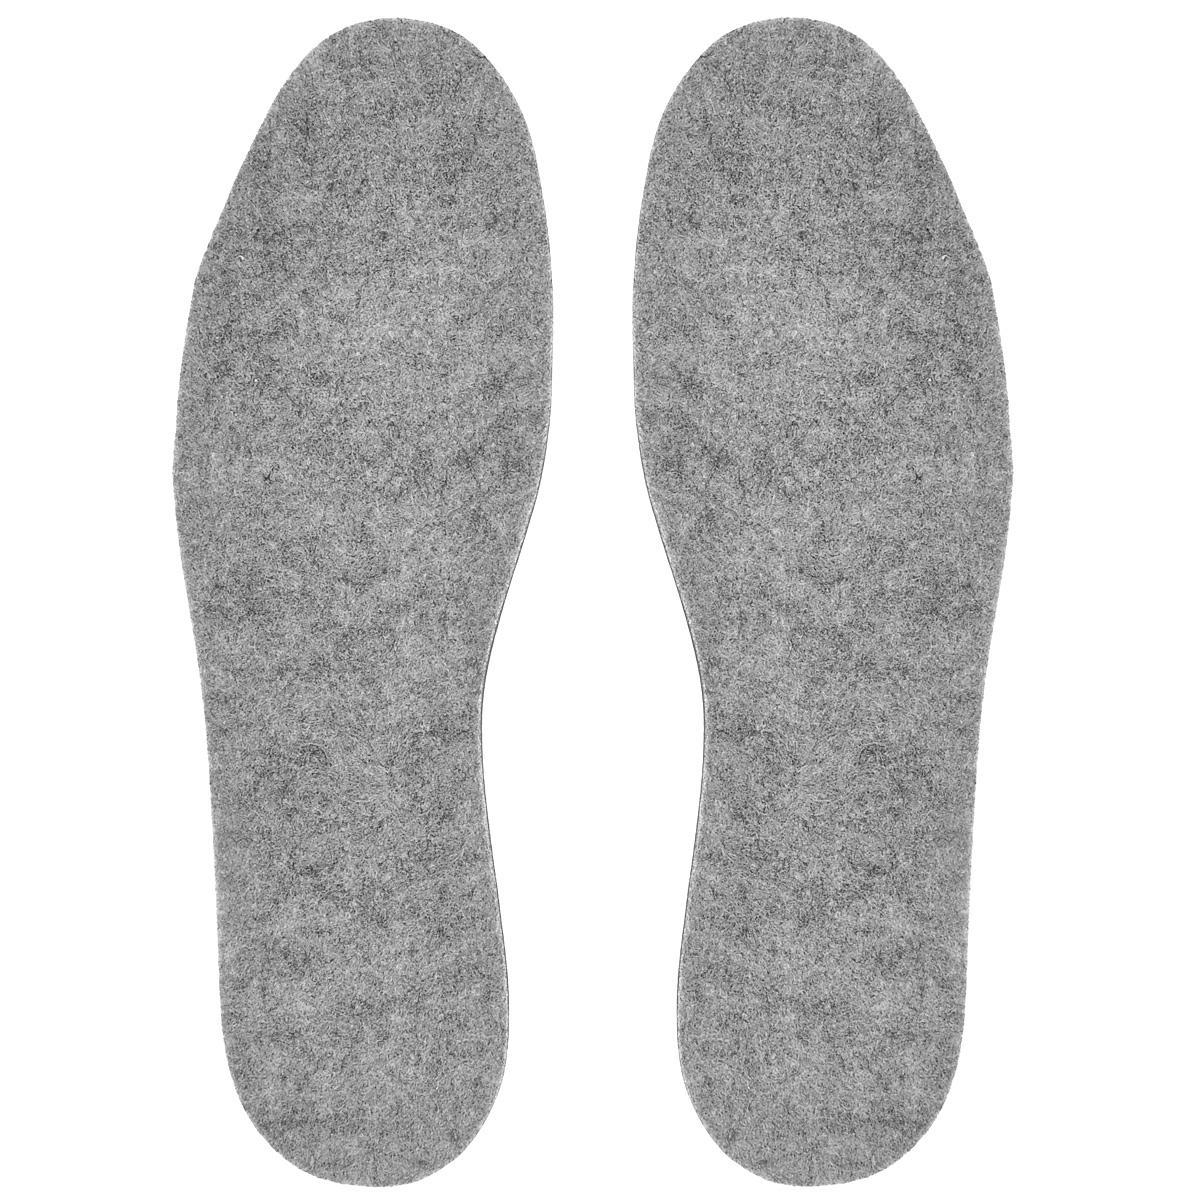 Стельки из войлока Salamander Felt Insole, для раскроя, размер 36-46SS 4041Стельки из войлока Salamander Felt Insole идеально подходят для спортивной и рабочей обуви. Прочный износостойкий войлок на основе вспененного латекса с активированным углем поглощает влагу и неприятные запахи, обеспечивает высокую термоизоляцию. Ноги остаются сухими и теплыми. Мягкая пена амортизирует стопу. Стельки можно раскроить под свой размер.